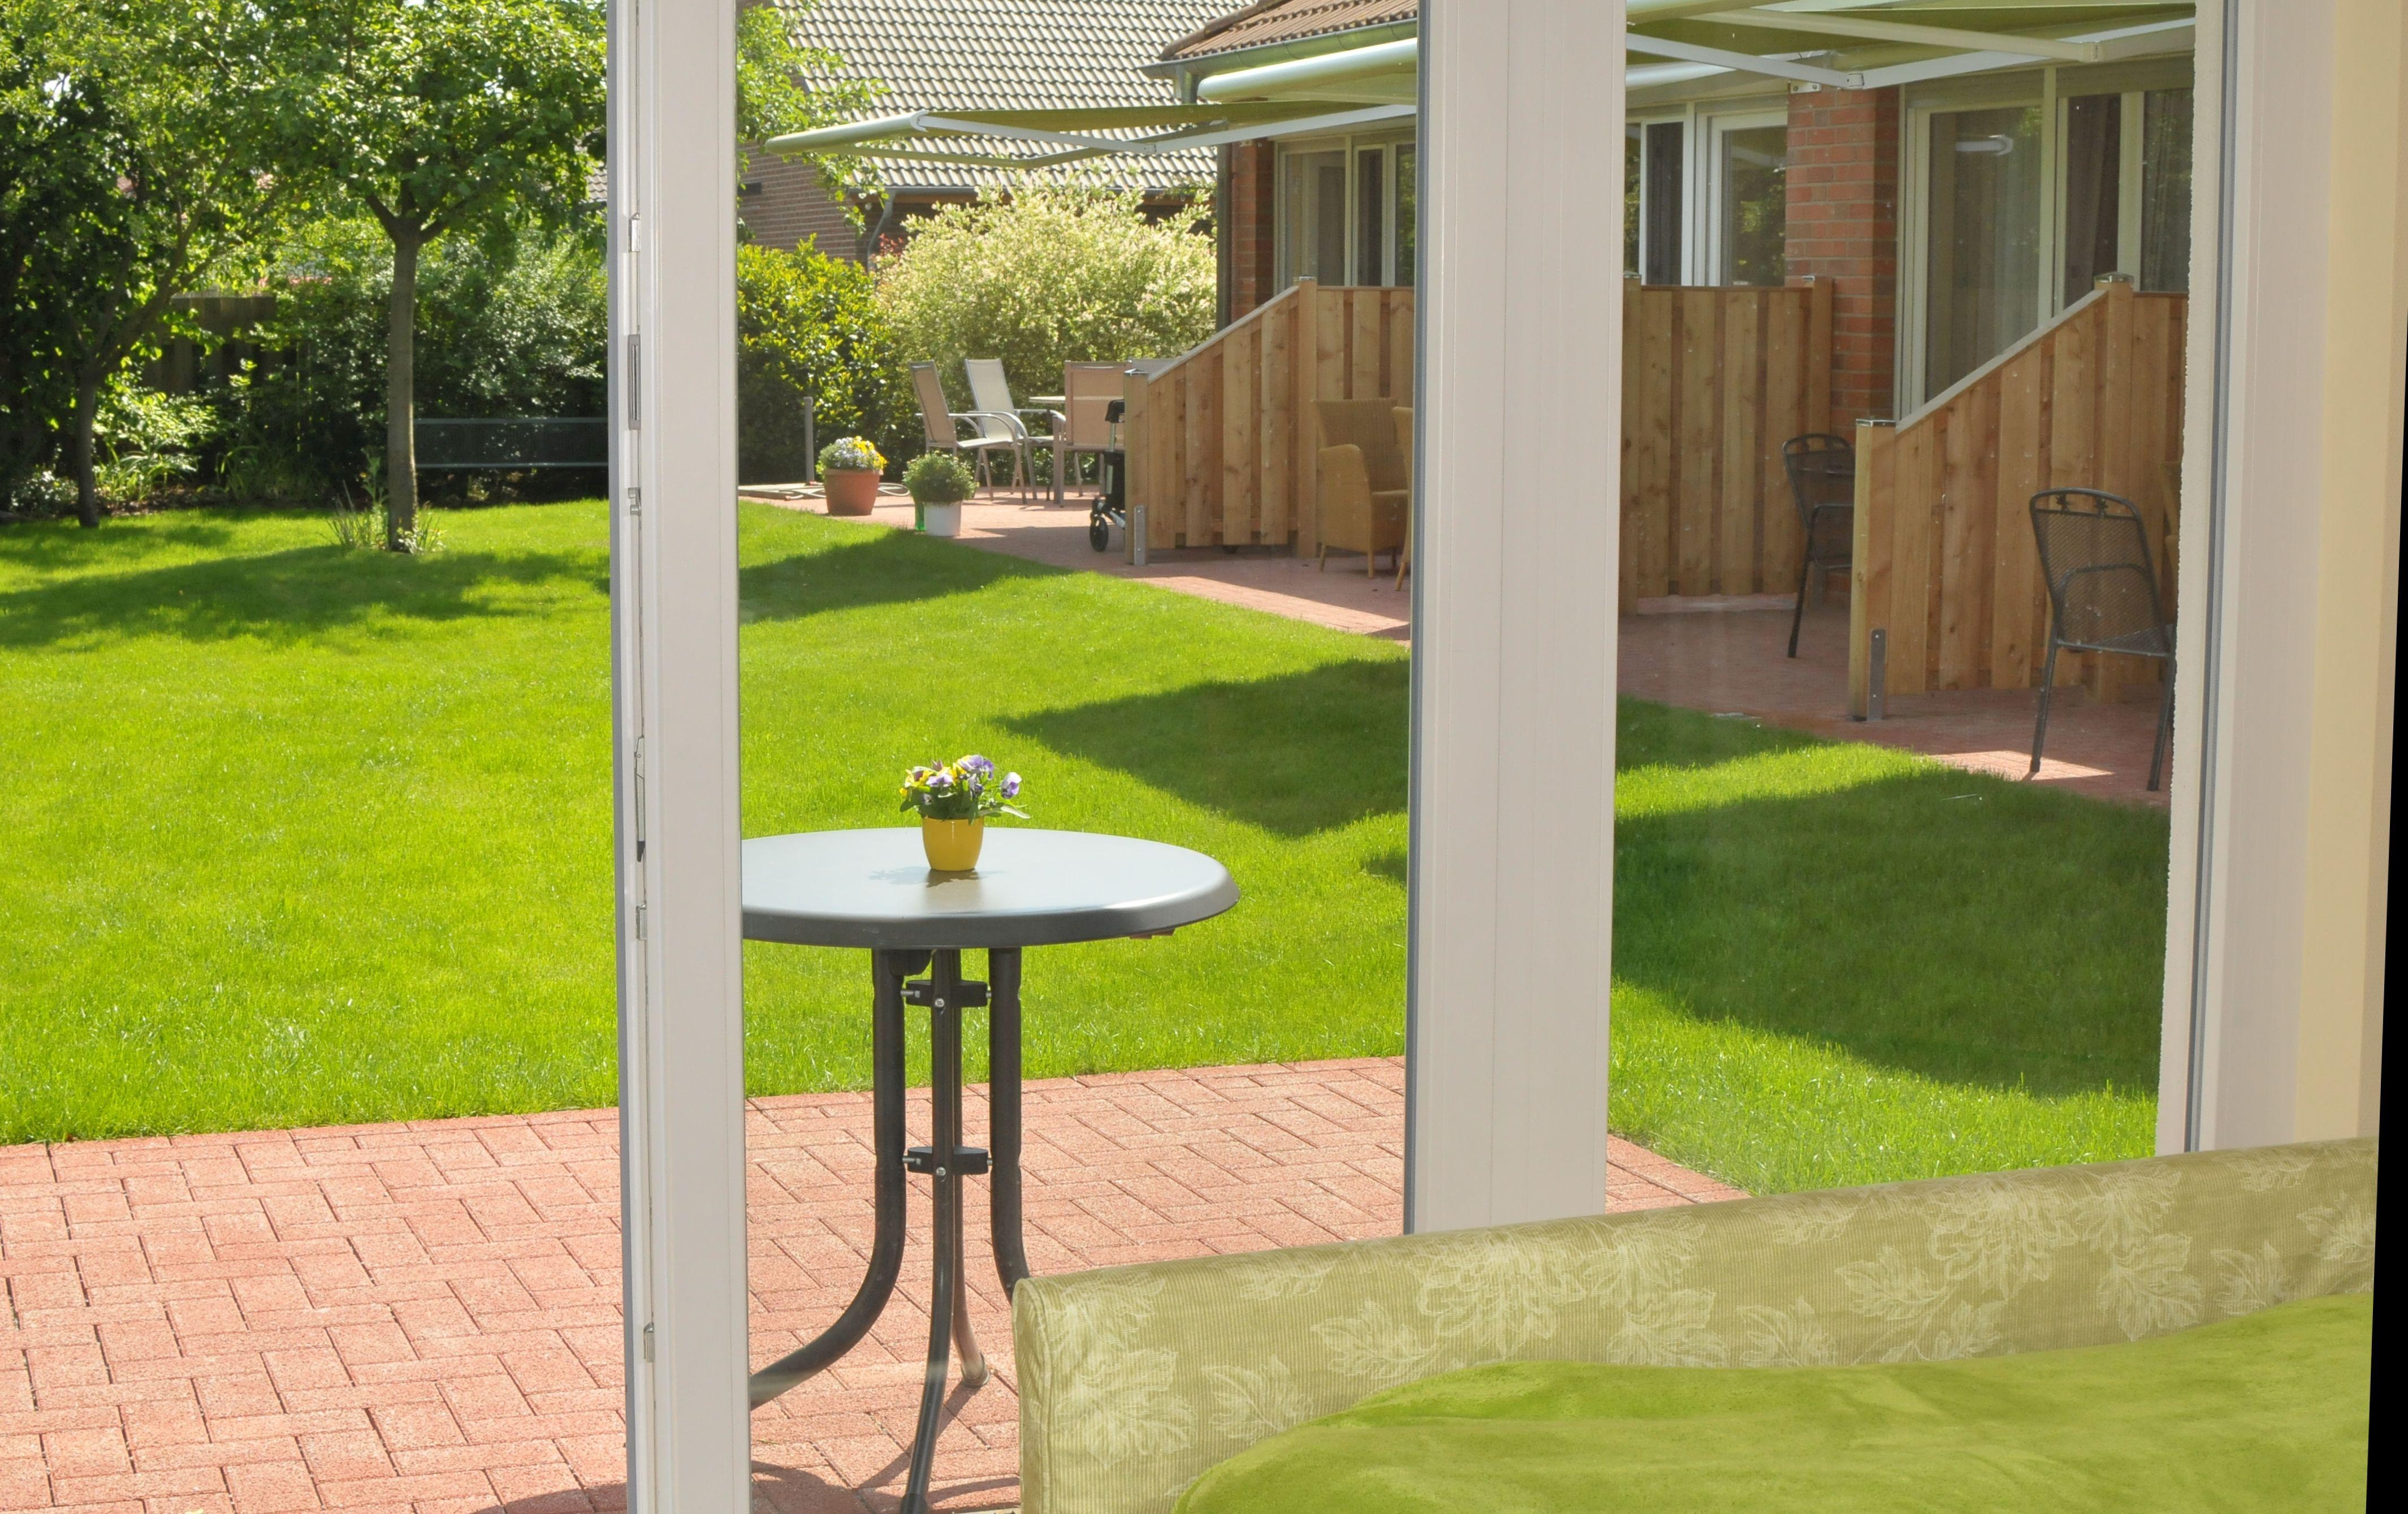 7. Blick in den Garten vom Krankenbett aus